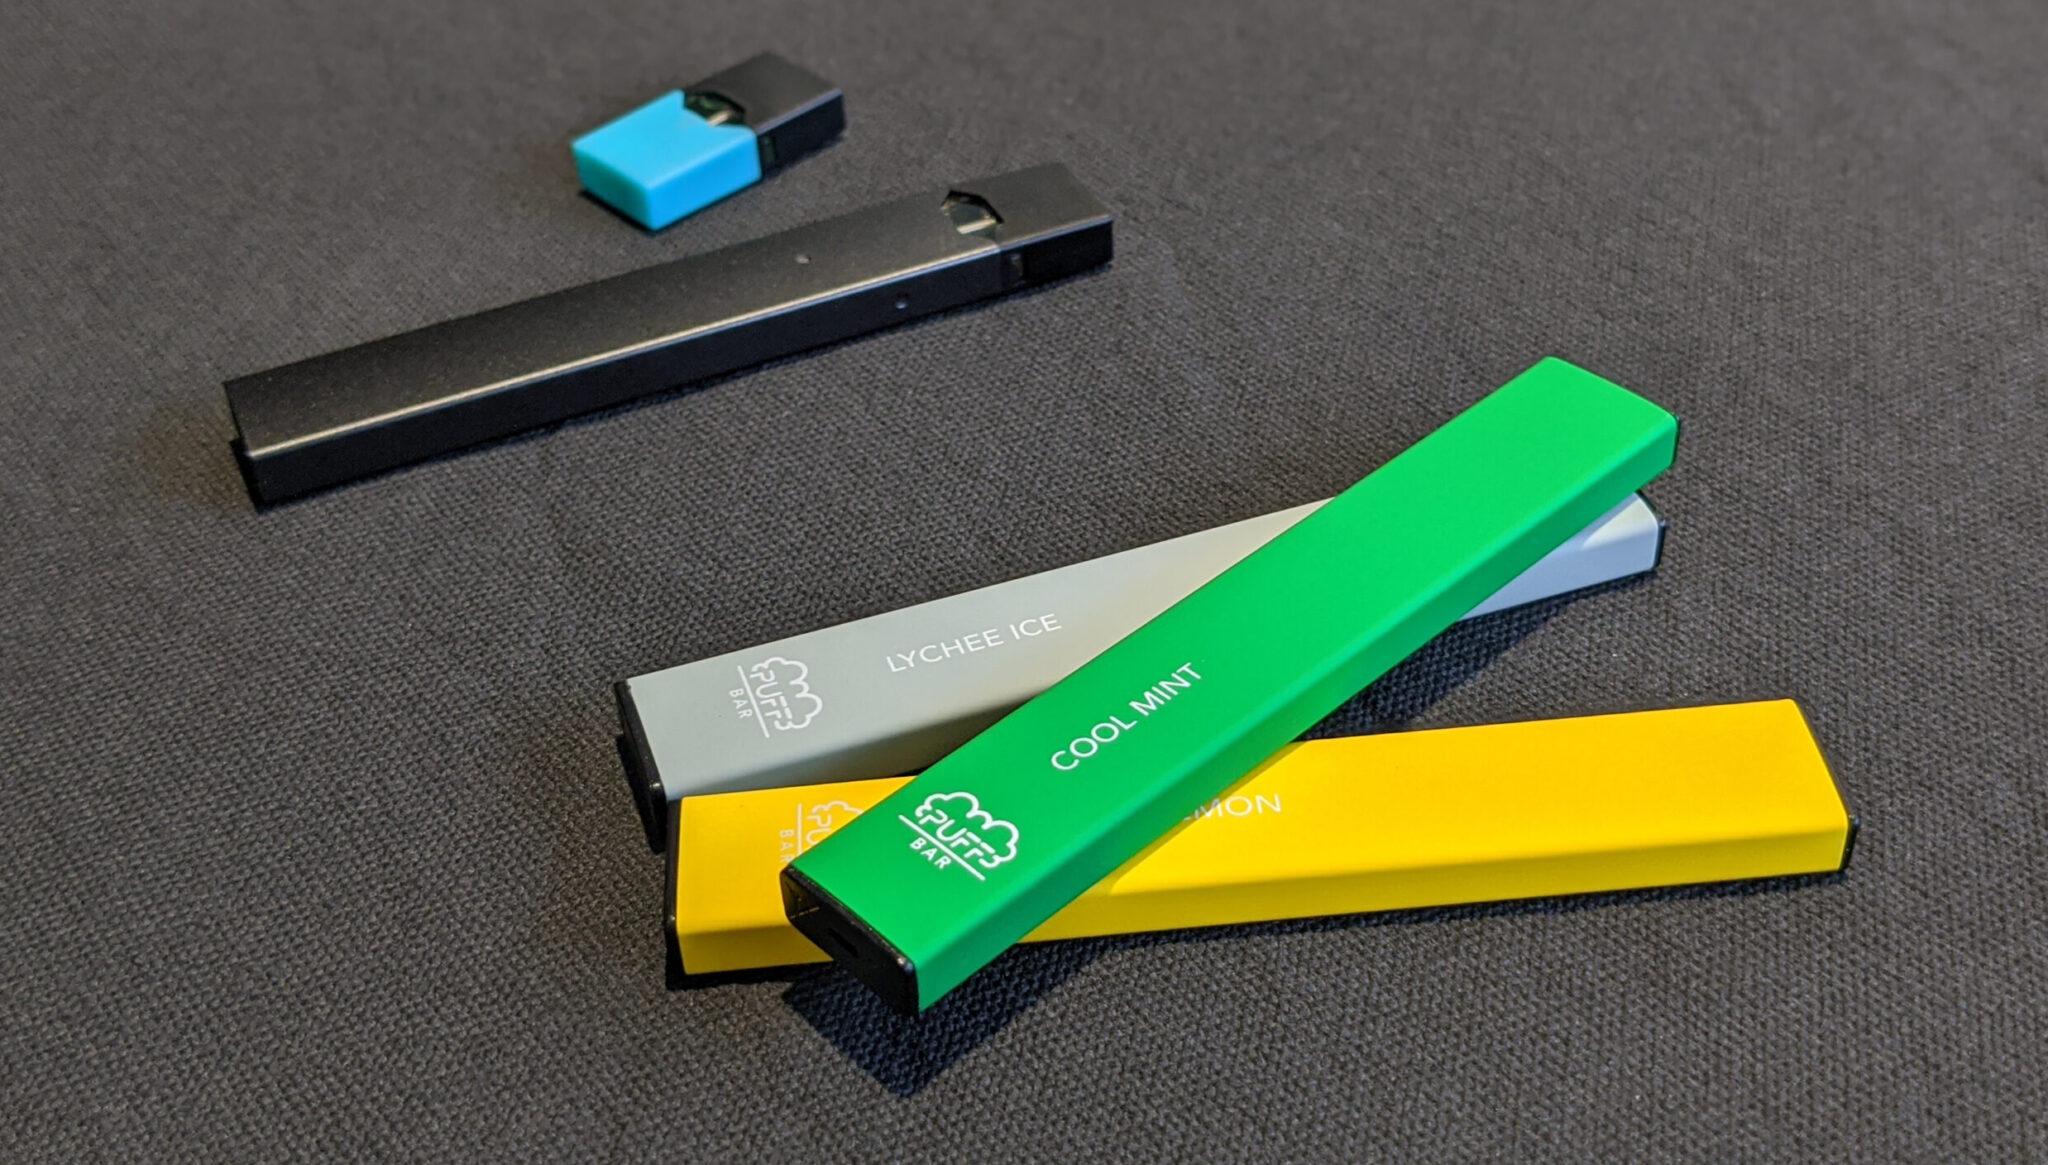 Купить одноразовую сигарету masking minifit электронная сигарета картридж купить